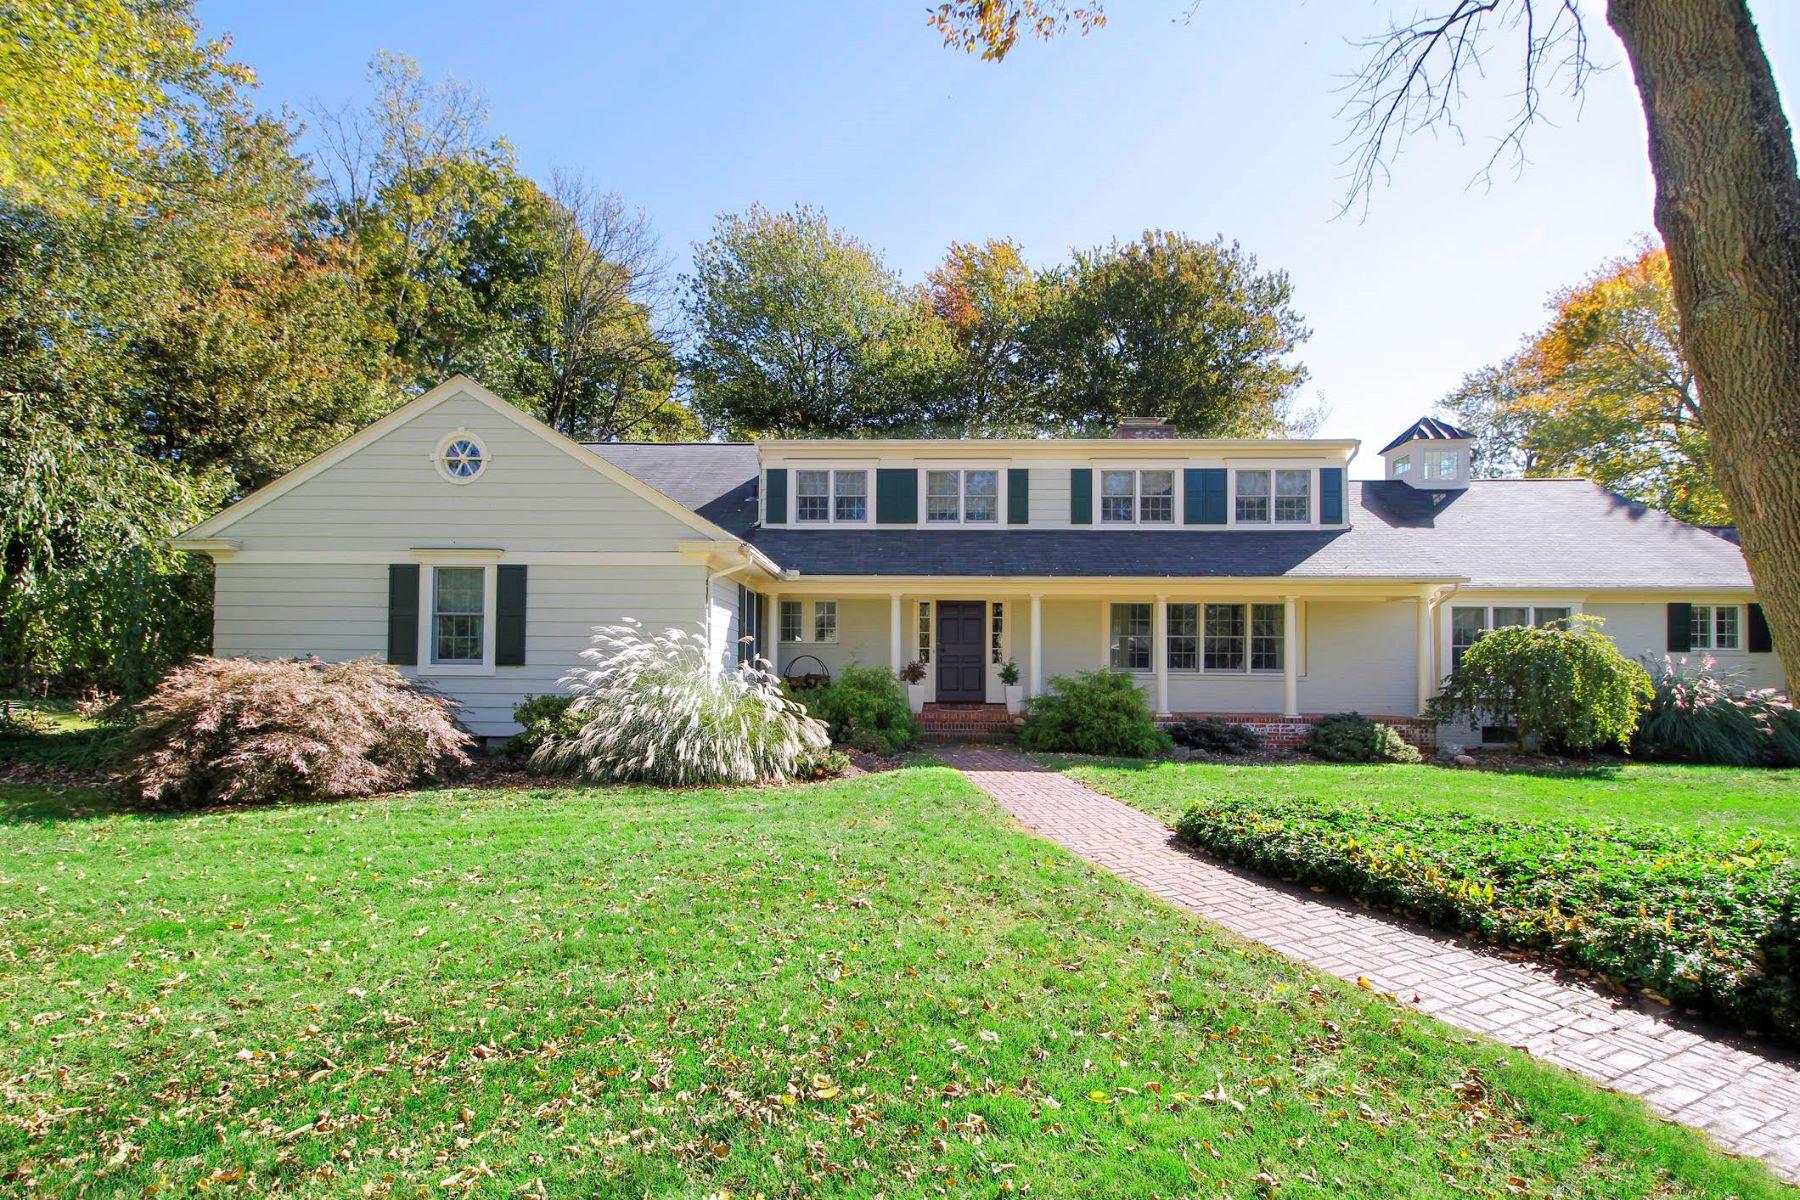 一戸建て のために 売買 アット Fabulous Home Designed for Entertaining 111 Golfview Terrace, Fairfield, コネチカット, 06825 アメリカ合衆国